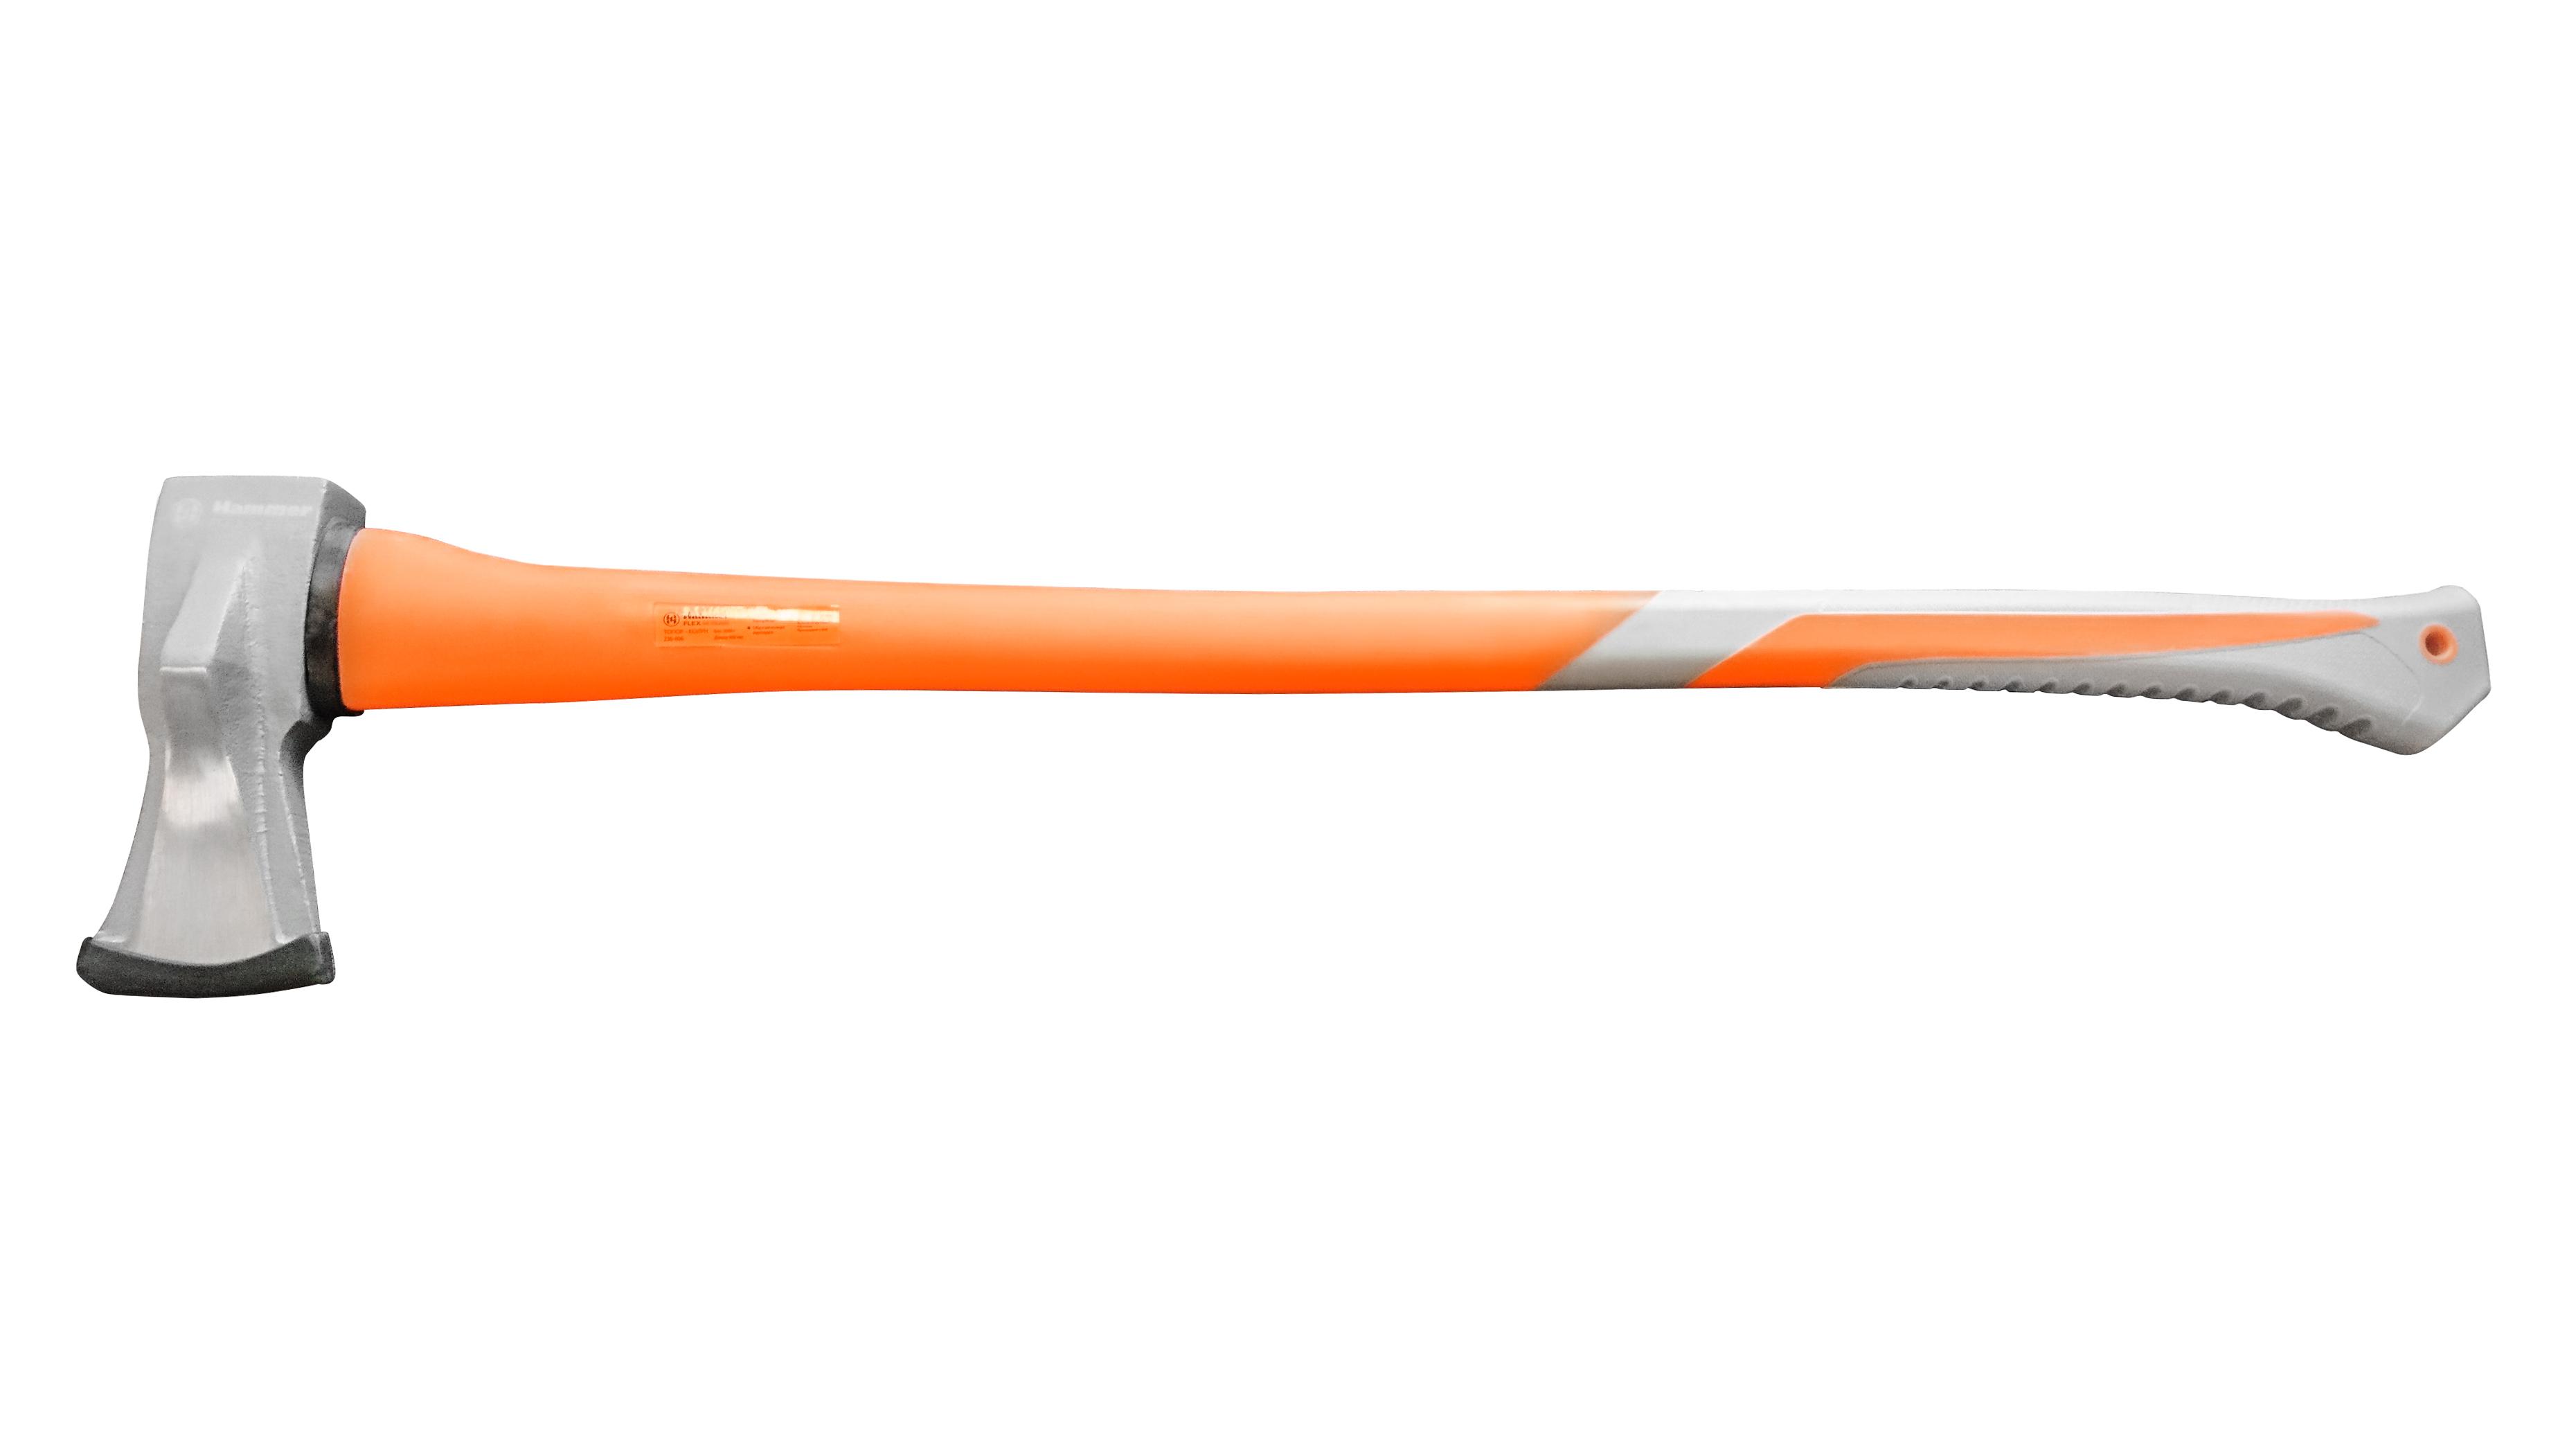 Топор Hammer колун 2000г, 900мм